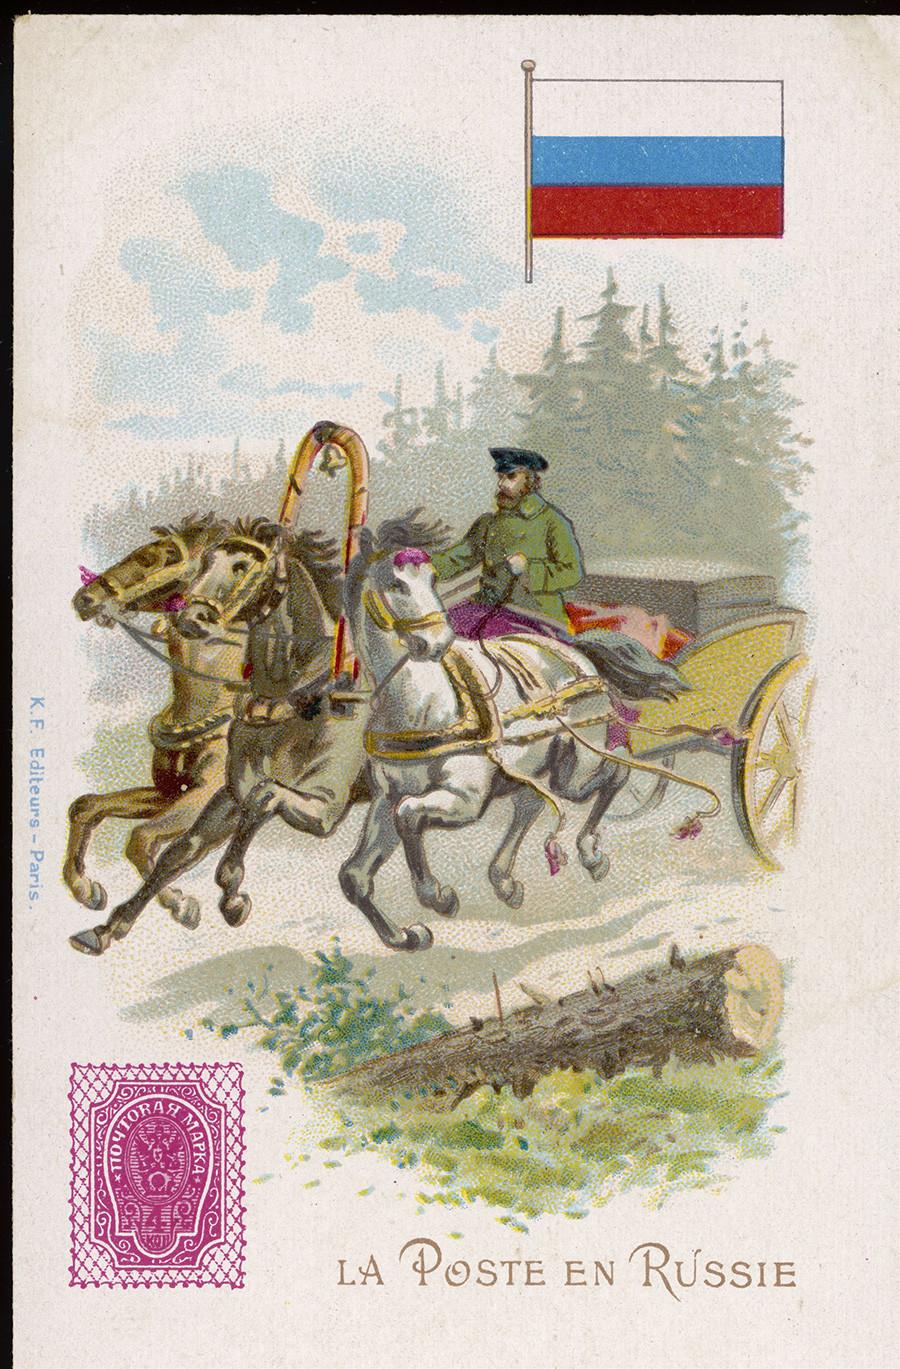 Razglednica s poštno trojko (približno 1900).